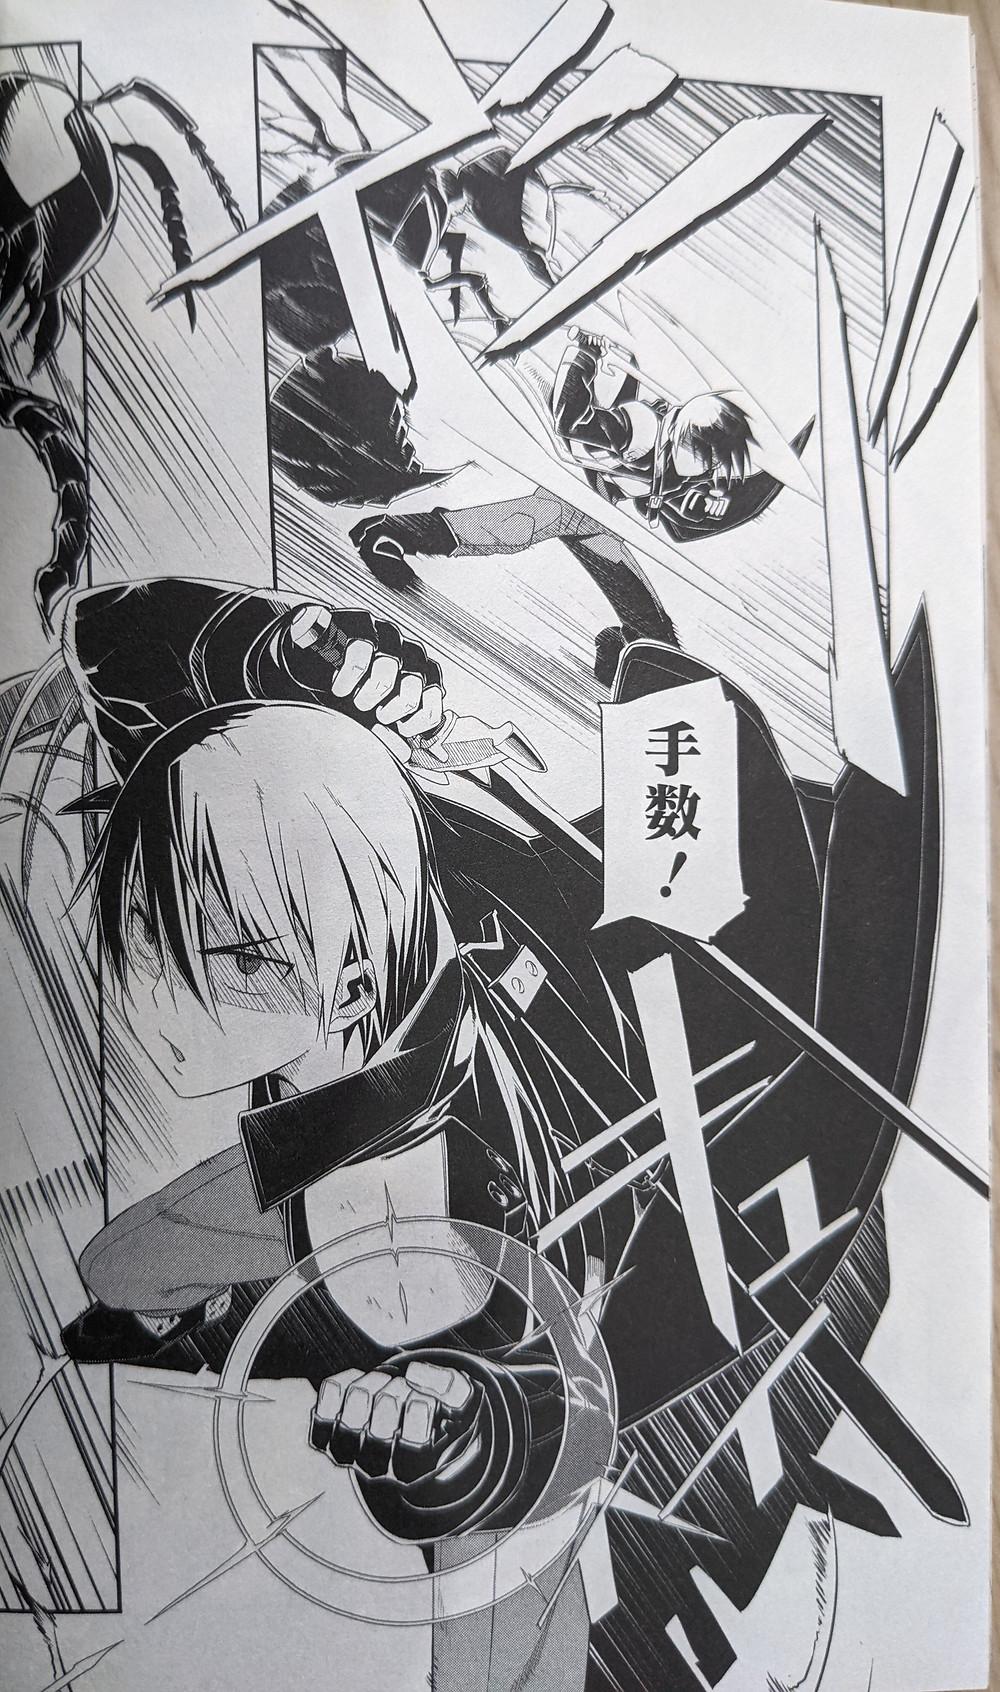 Kirito, Sword Art Online, manga, Japanese art, Zusetsu Store